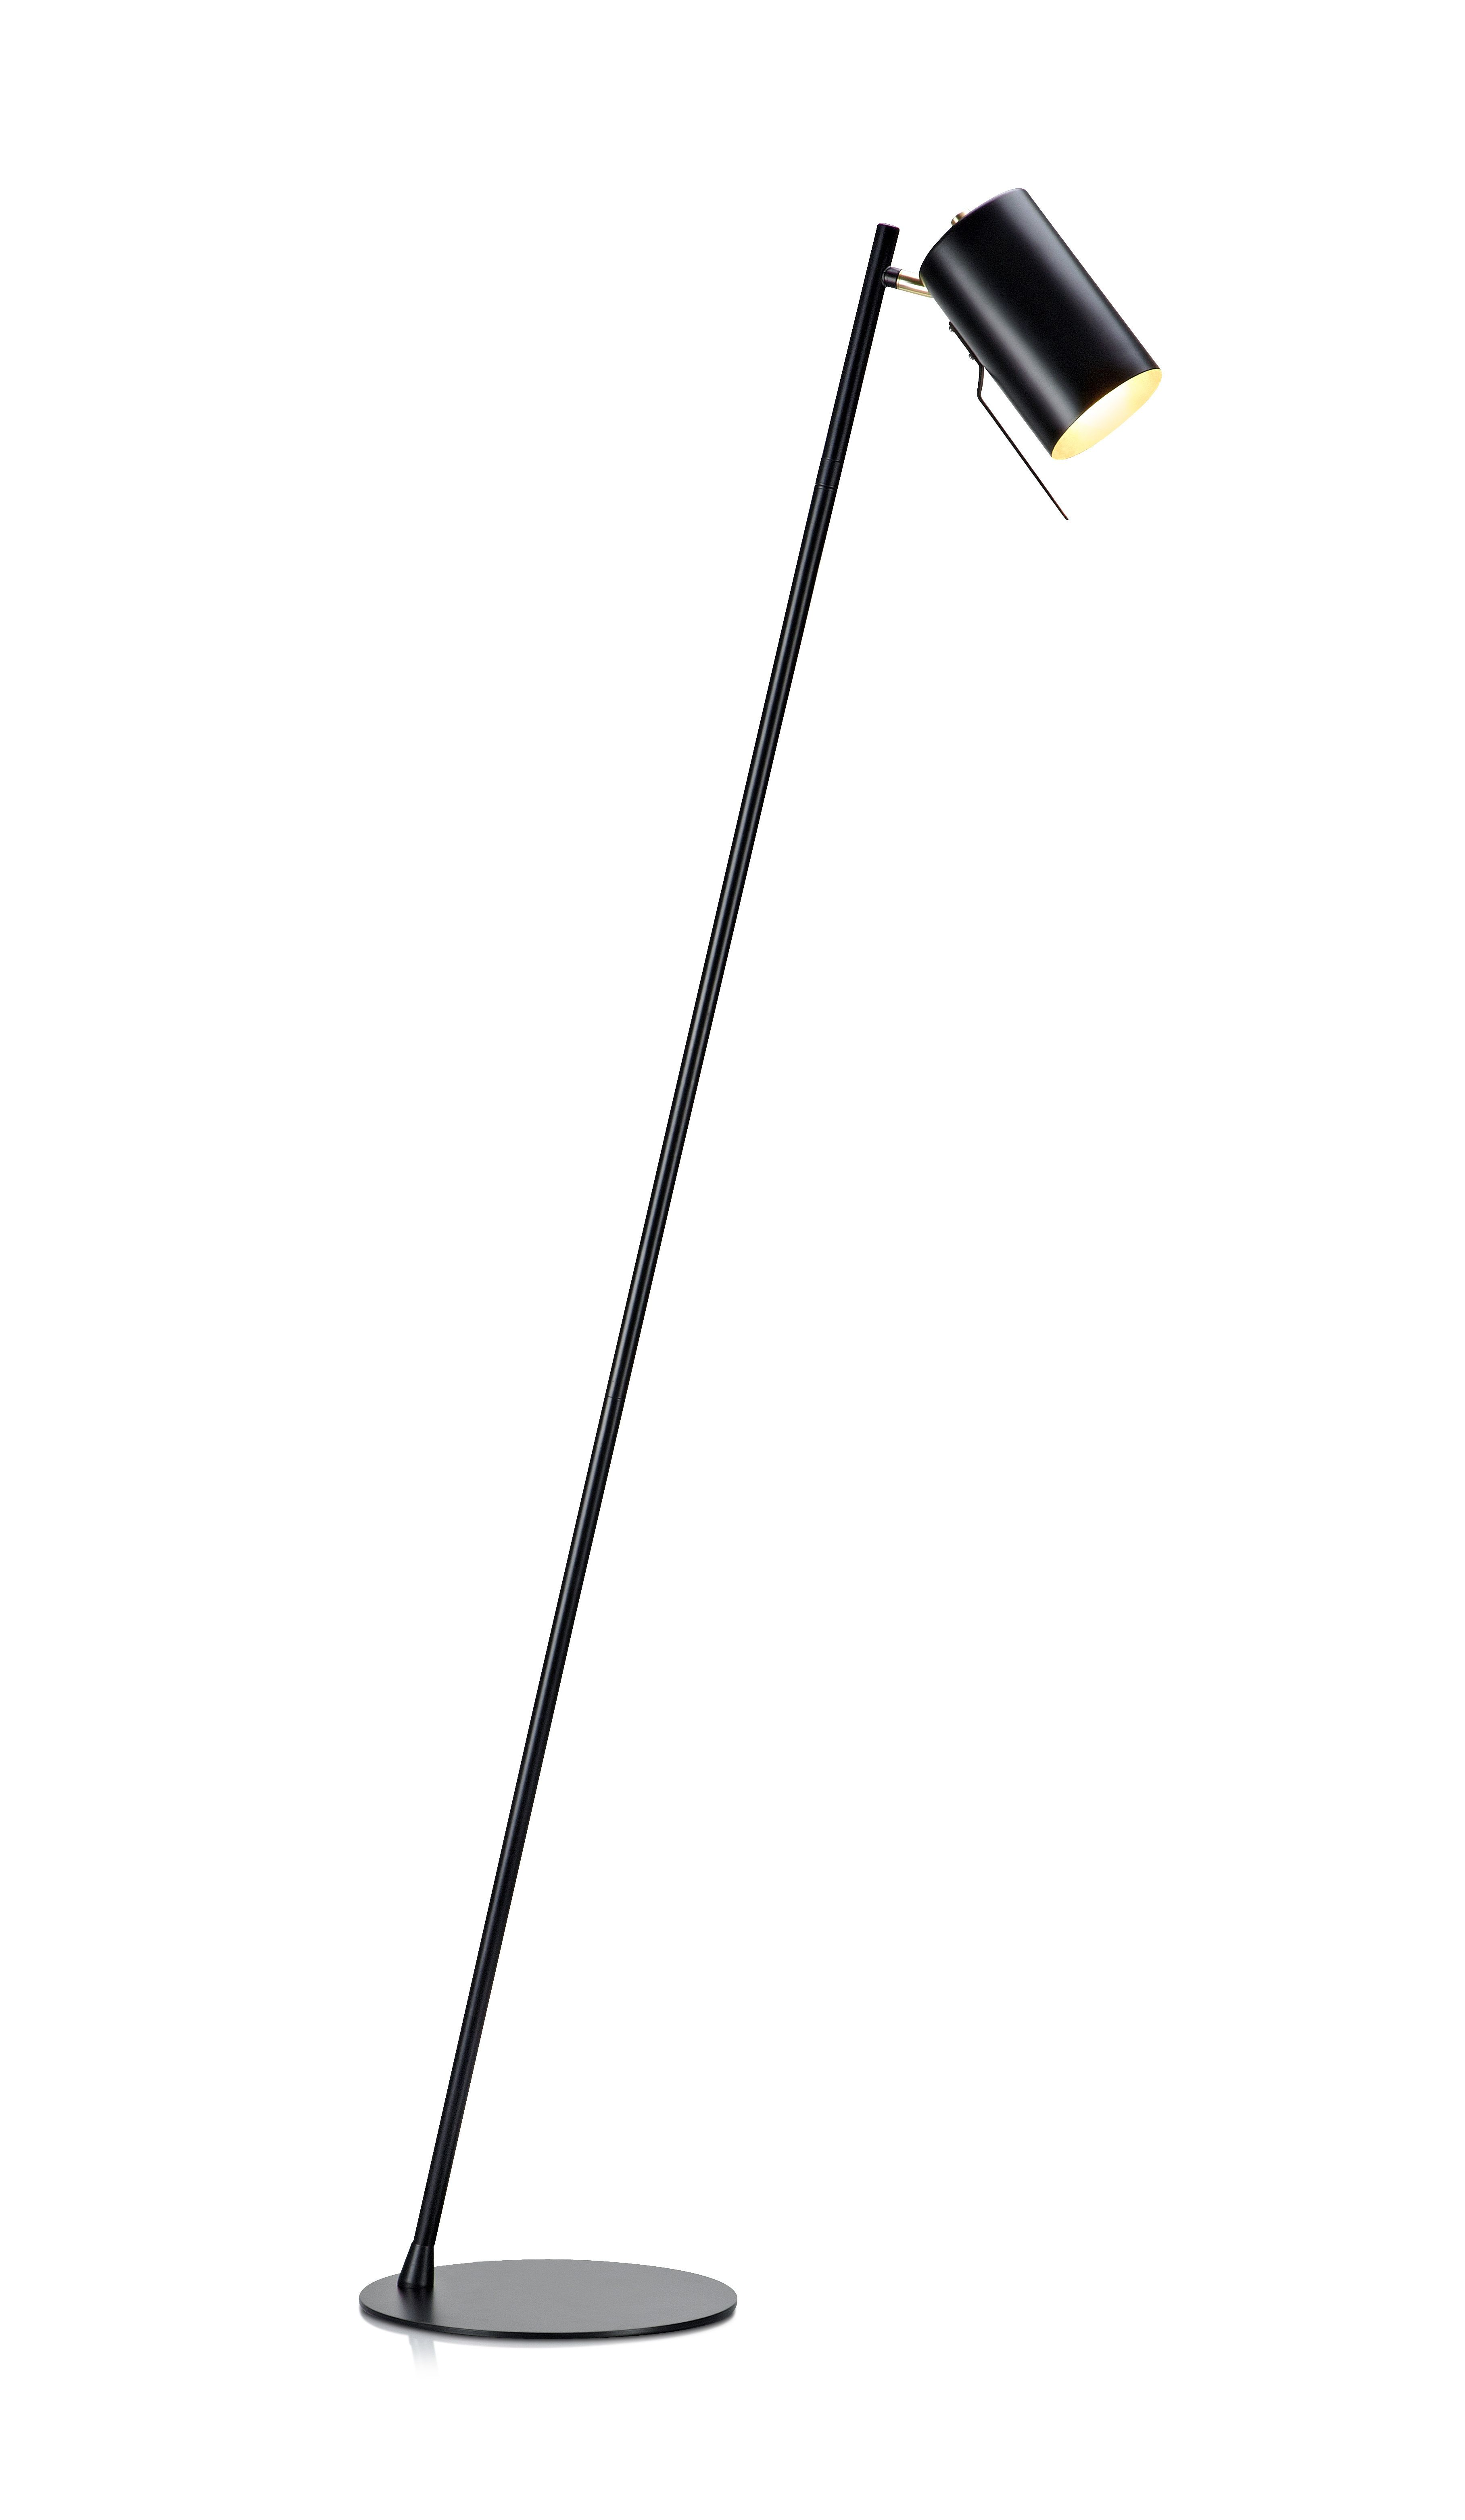 Carrie golvlampa frn marksljd i svart metall och detaljer i carrie golvlampa frn marksljd i svart metall och detaljer i borstad mssing 2m sladd och geotapseo Images